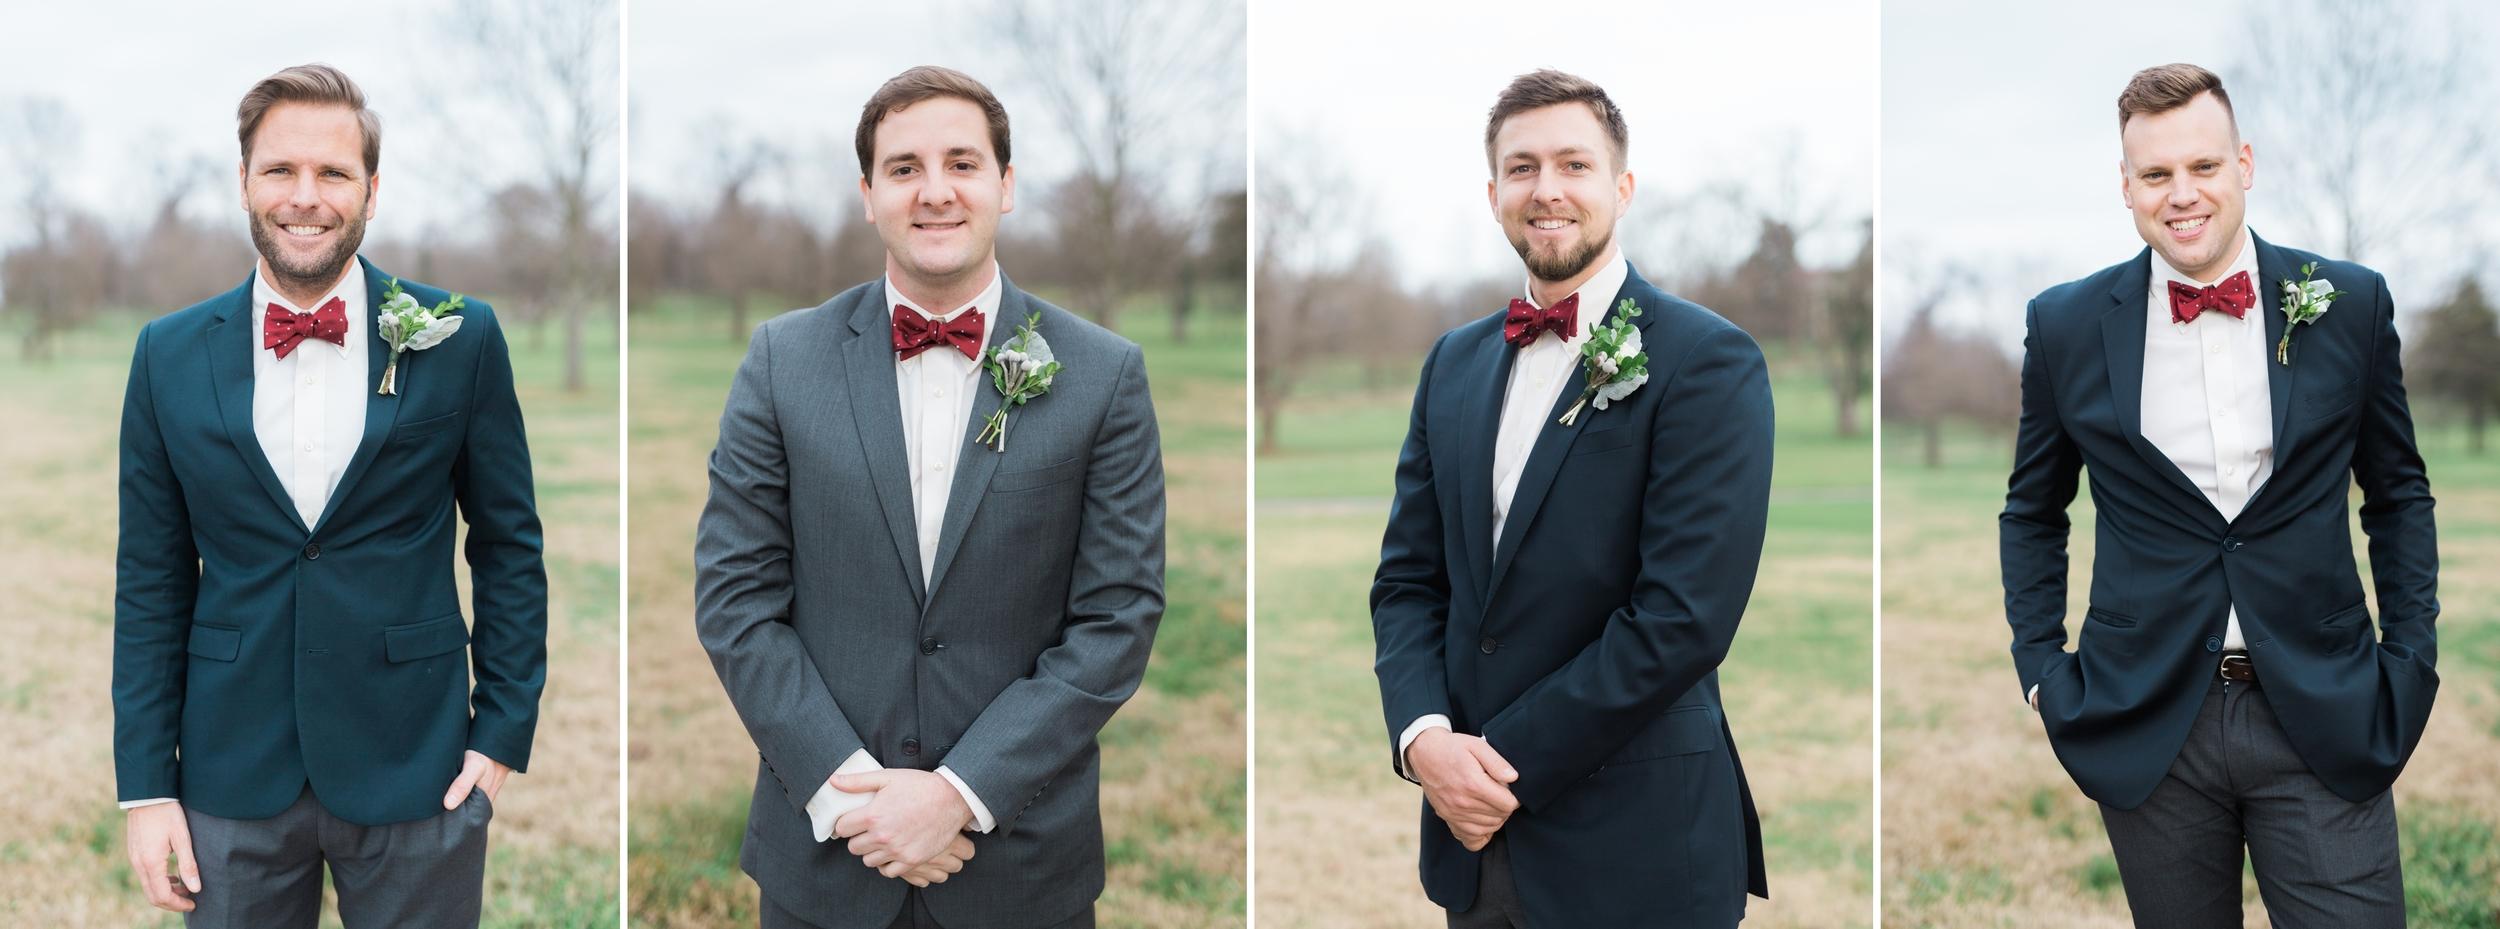 Carter and Molly Blanton - Wedding 68.jpg